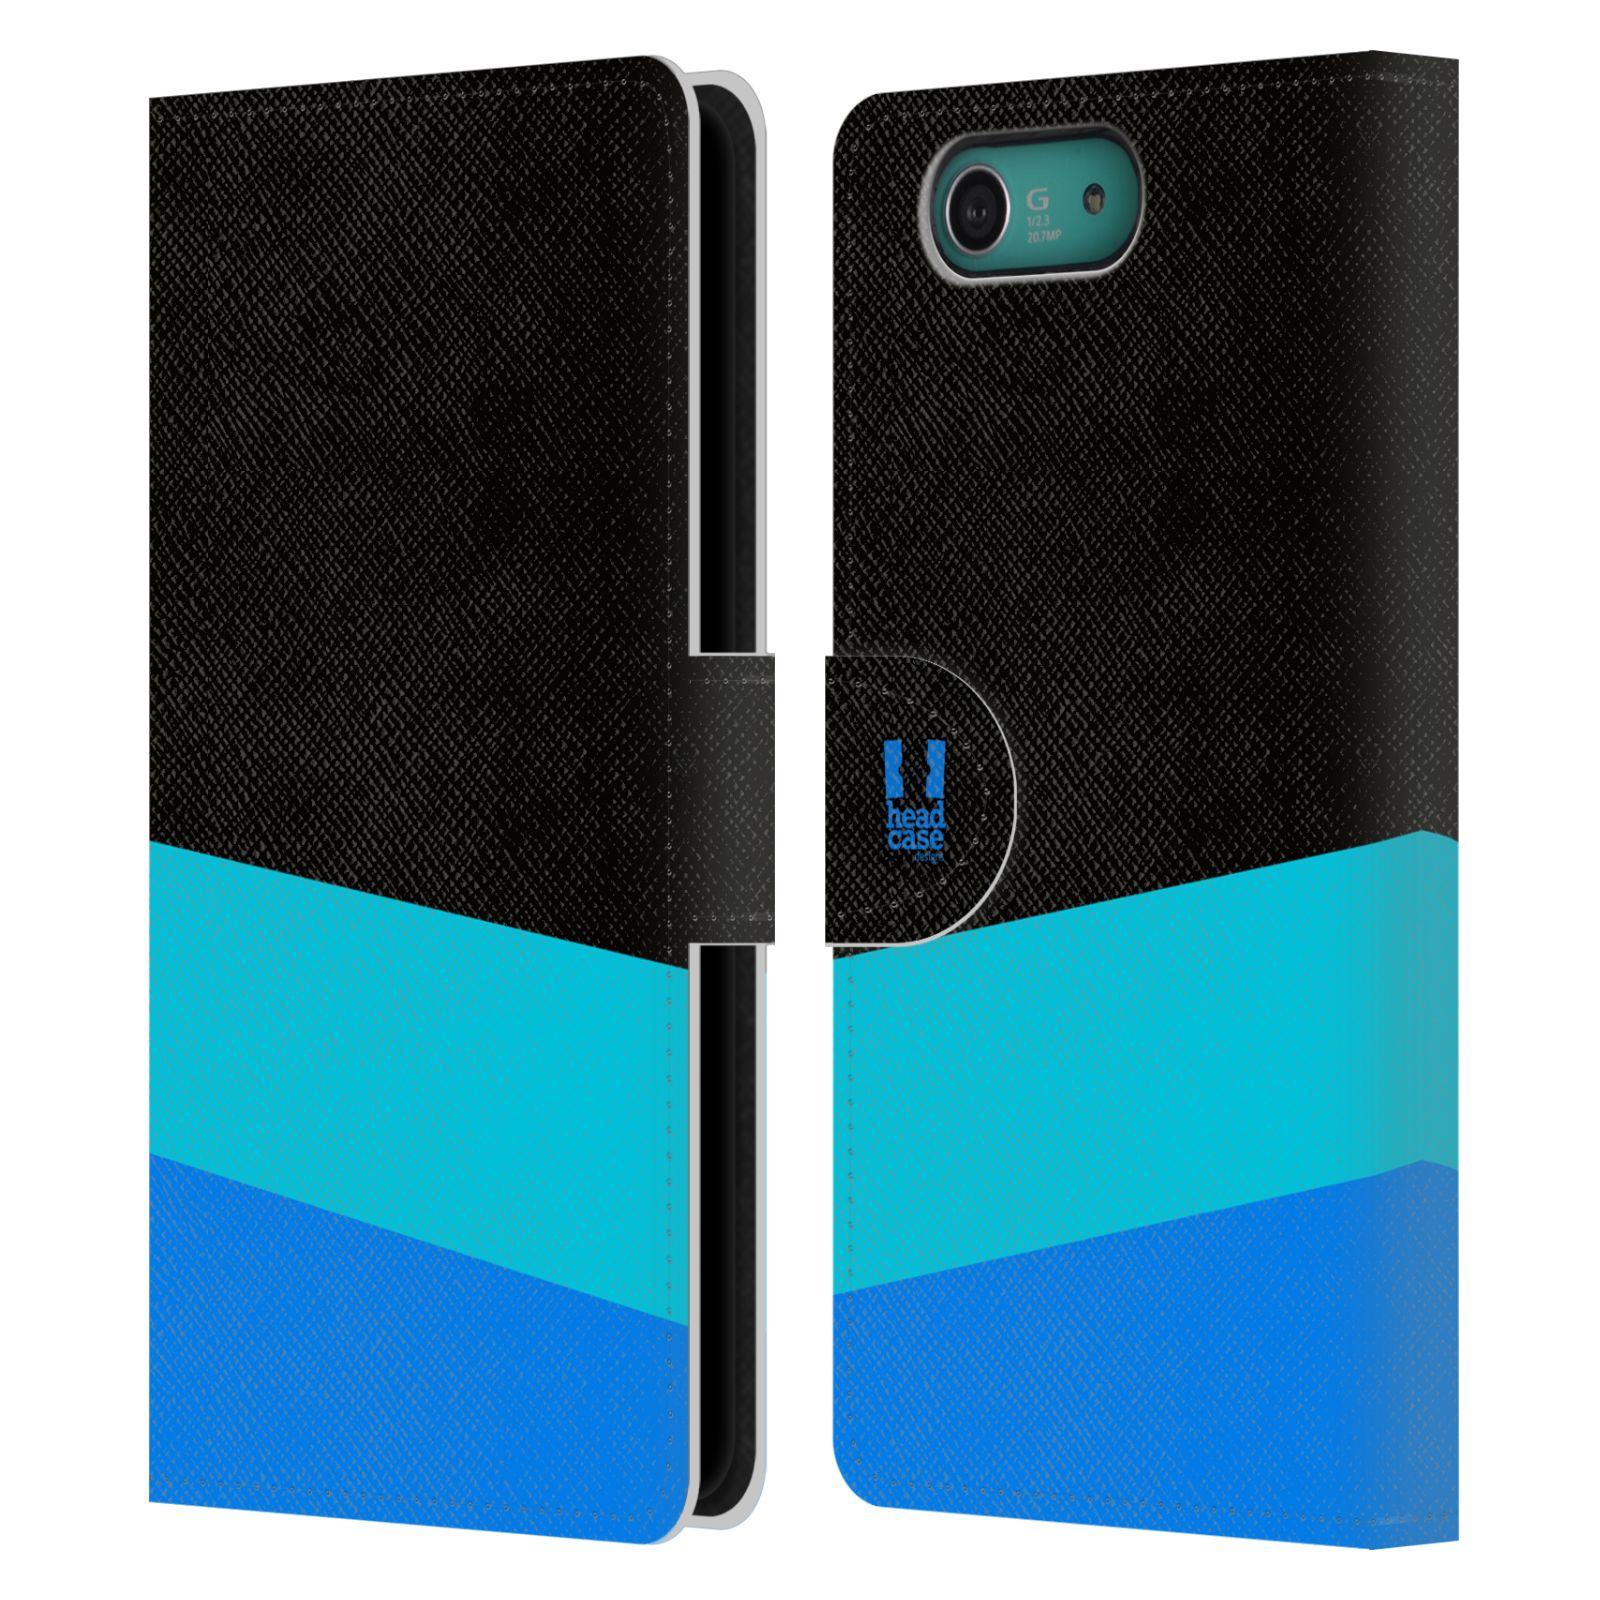 HEAD CASE Flipové pouzdro pro mobil SONY XPERIA Z3 COMPACT barevné tvary modrá a černá FORMAL